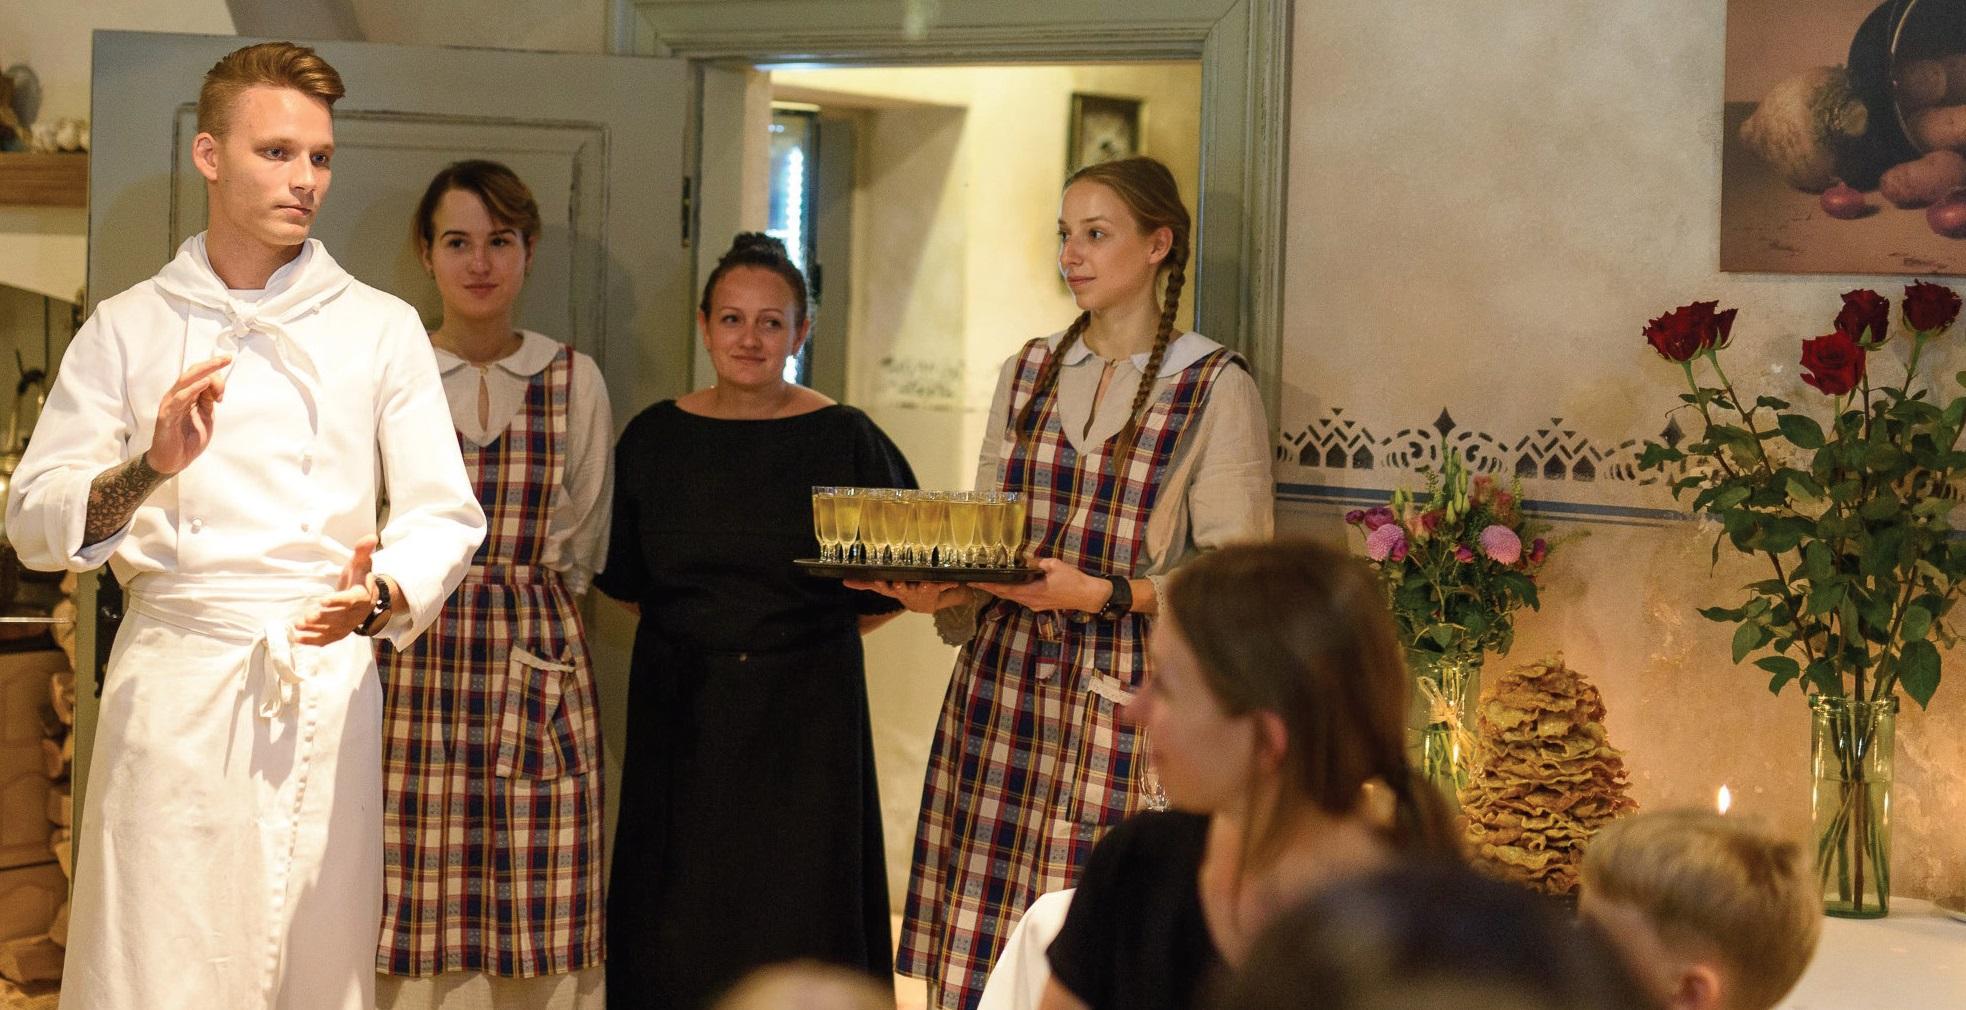 Laukiantiems patiekalų svečiams pasakojamos istorijos